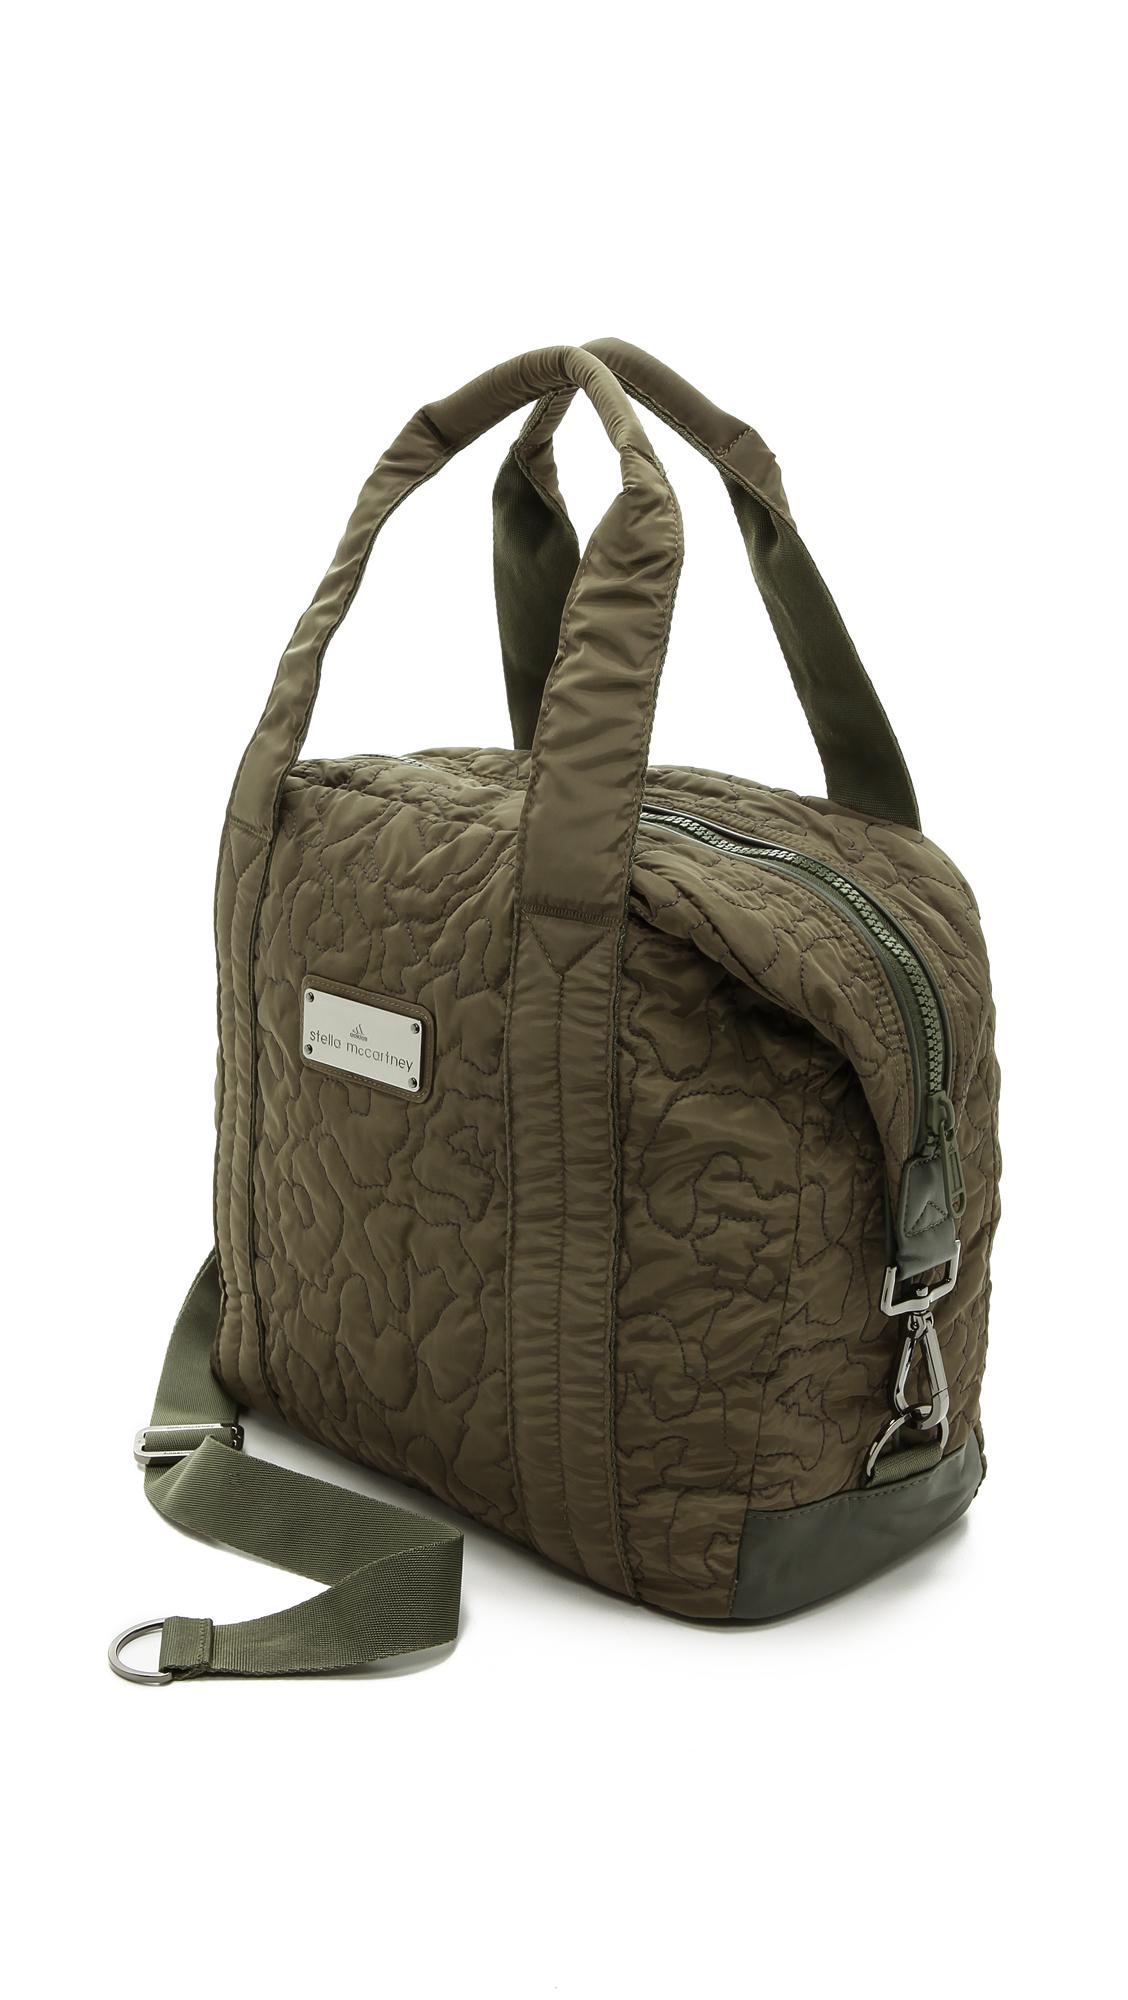 Lyst - adidas By Stella McCartney Small Gym Bag - Cargo in Green 8de07d713